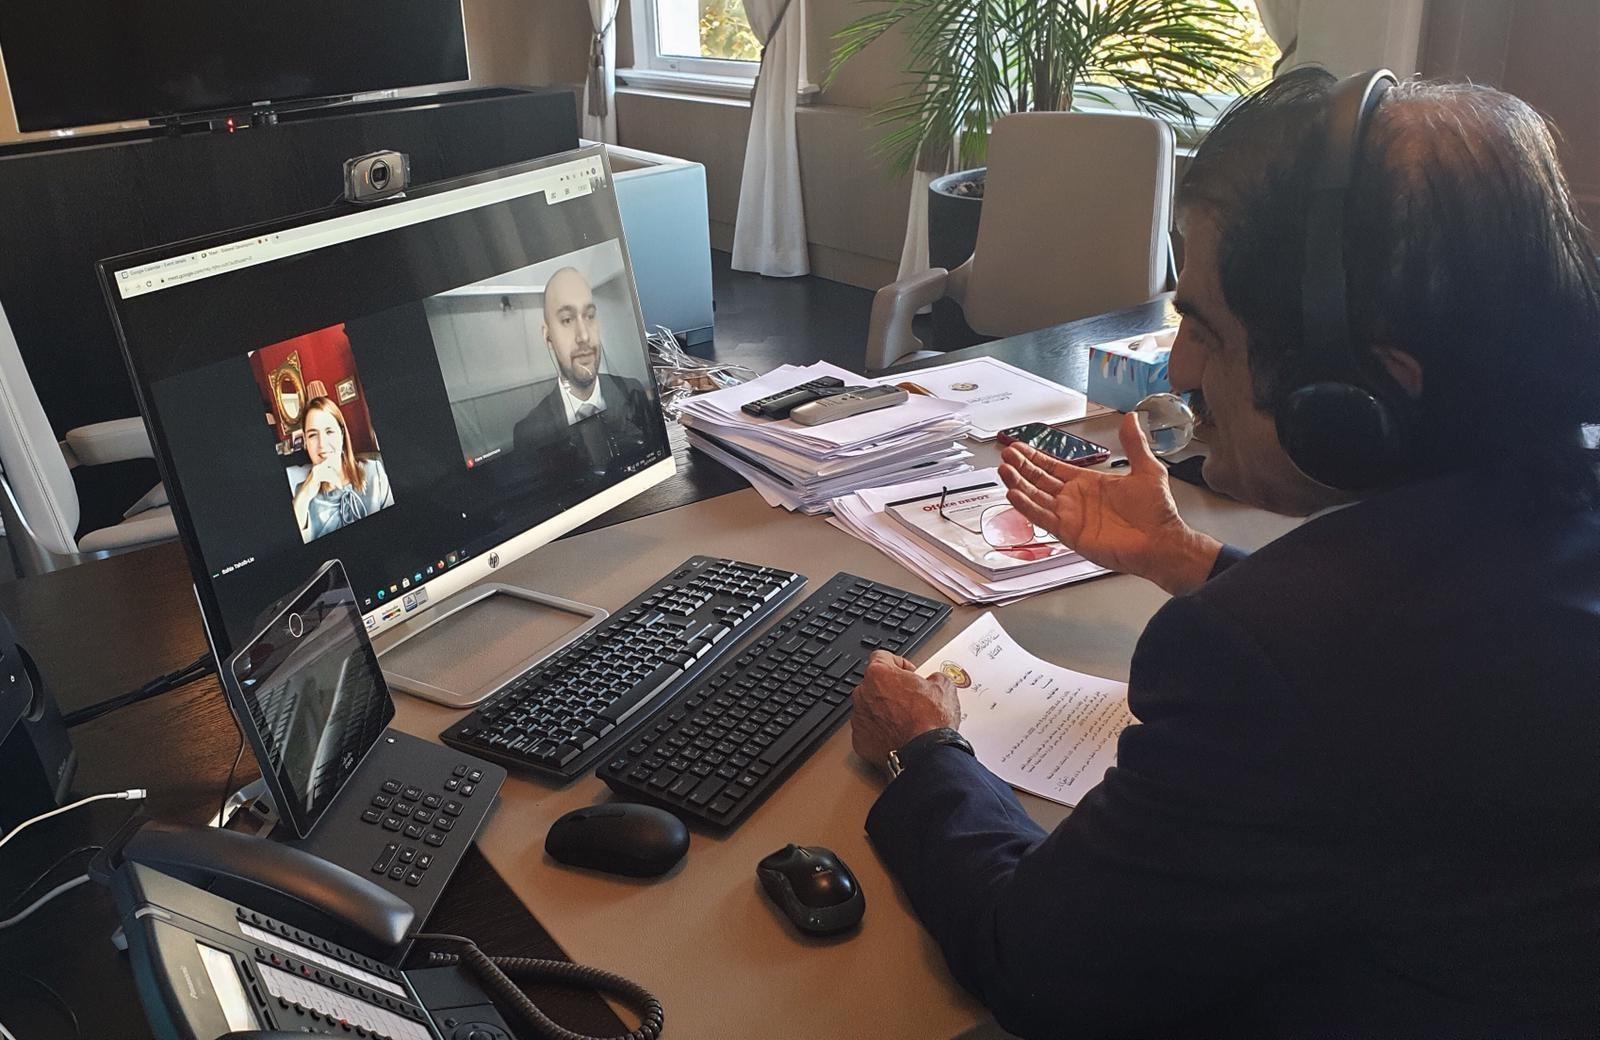 سفيرة حقوق الإنسان بهولندا تهنئ دولة قطر بإعلان سمو الأمير اجراء انتخابات مجلس الشورى